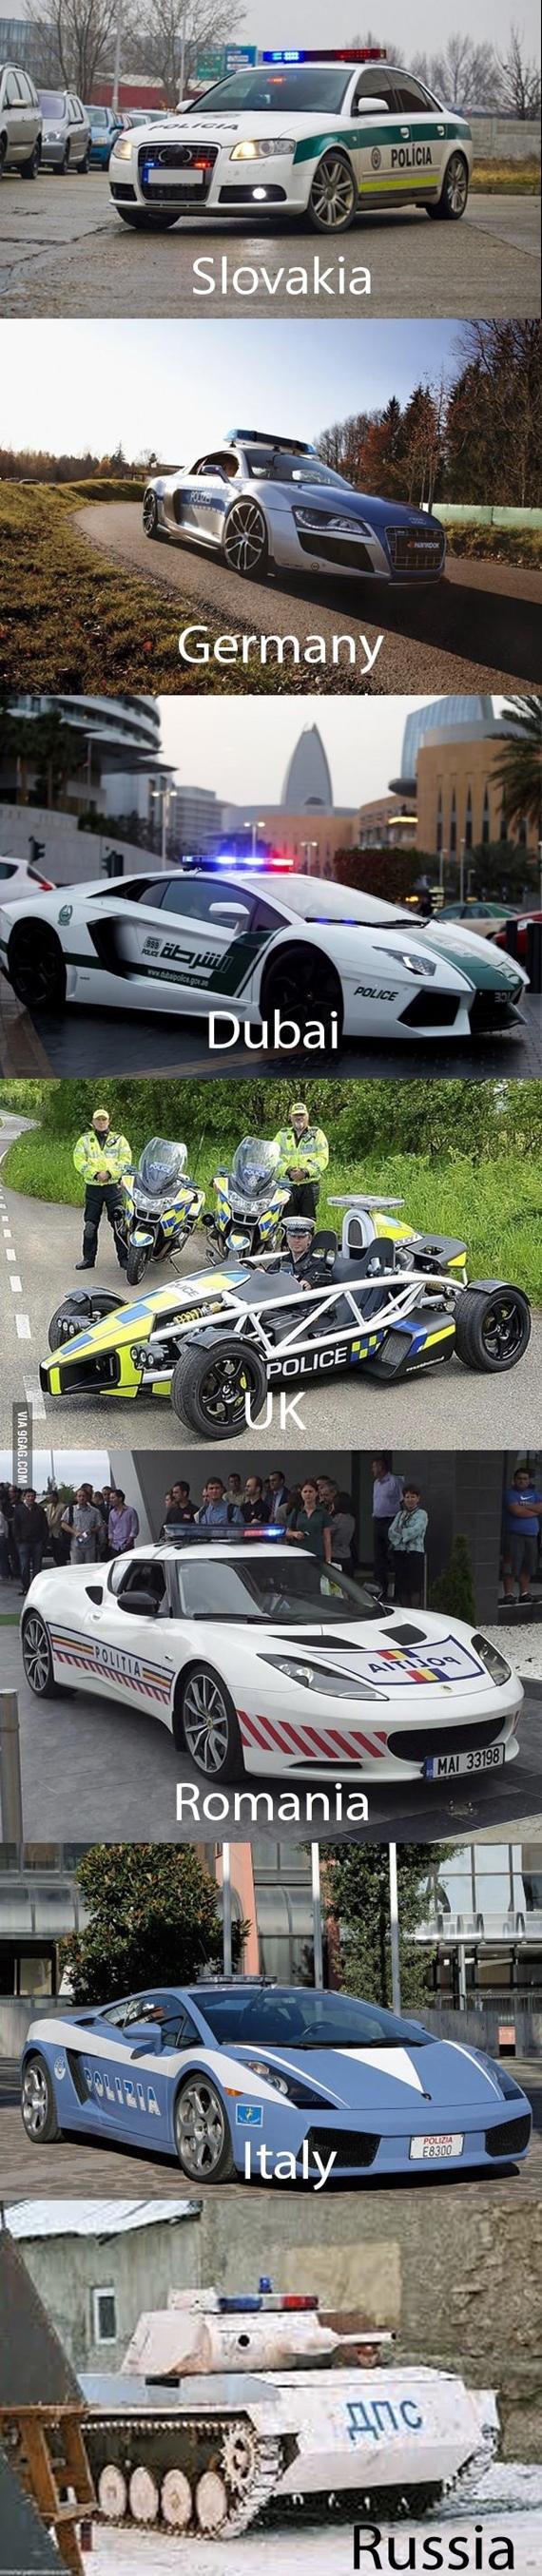 Najlepšie policajné autá v jednotlivých krajinách